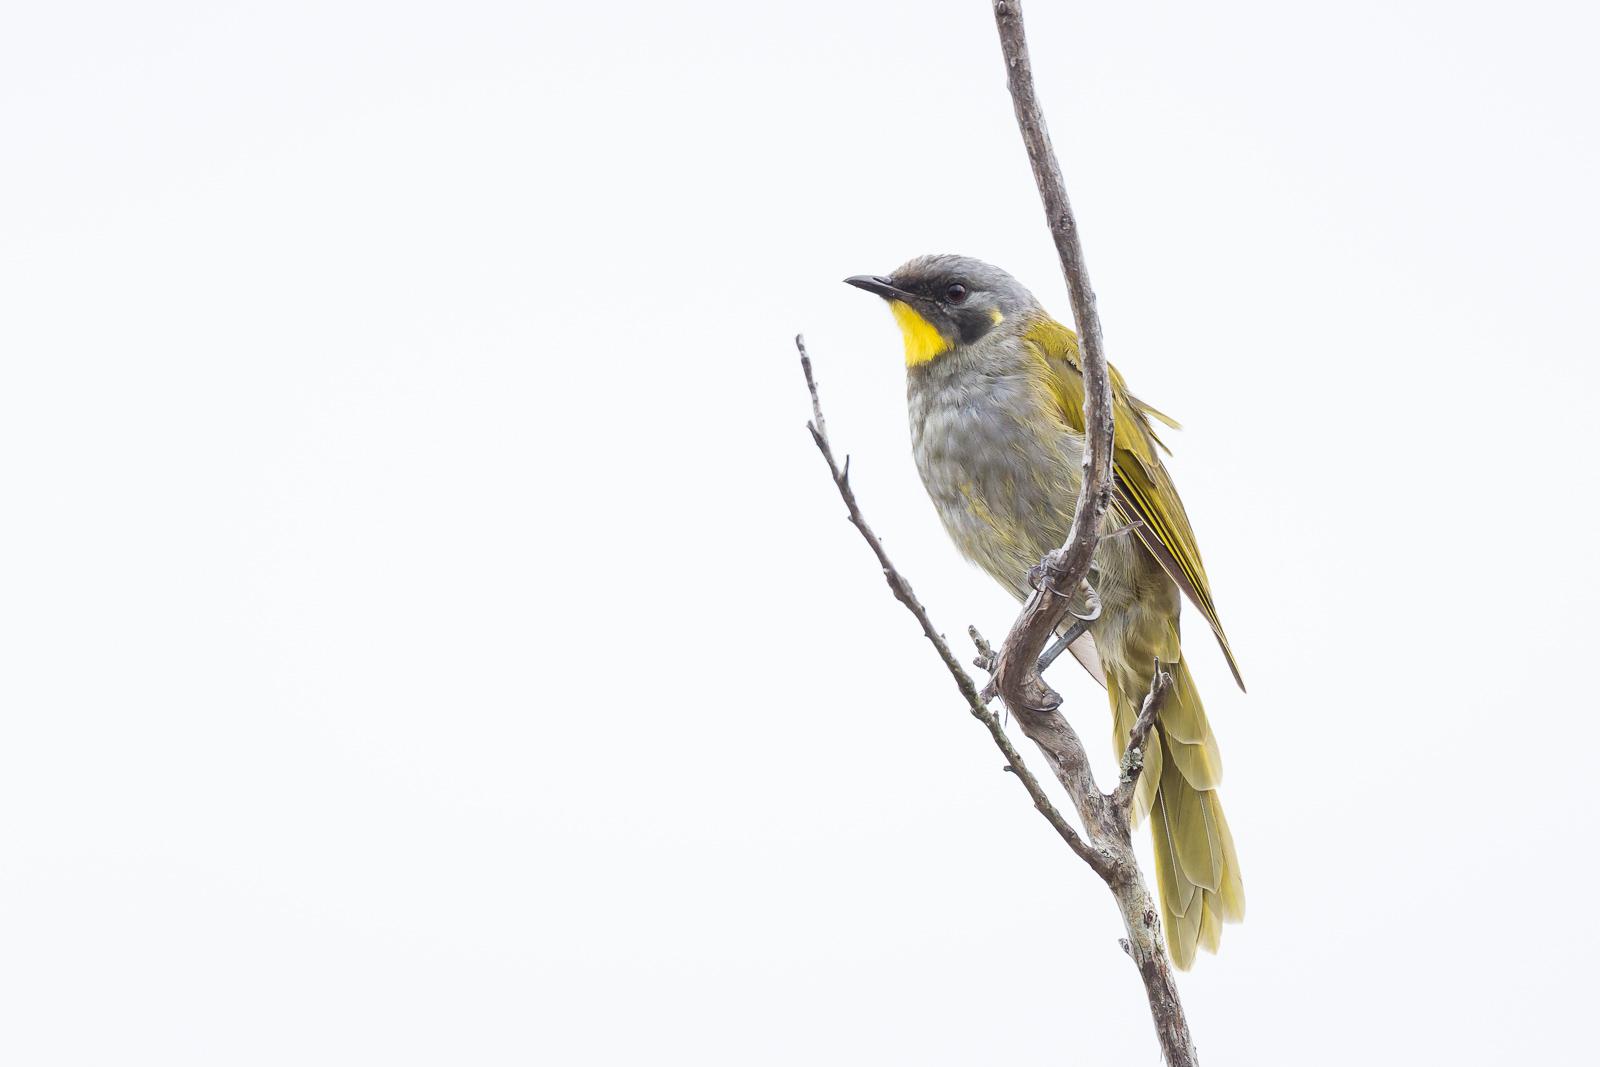 Yellow-throated Honeyeater_David Stowe-6882-2.jpg